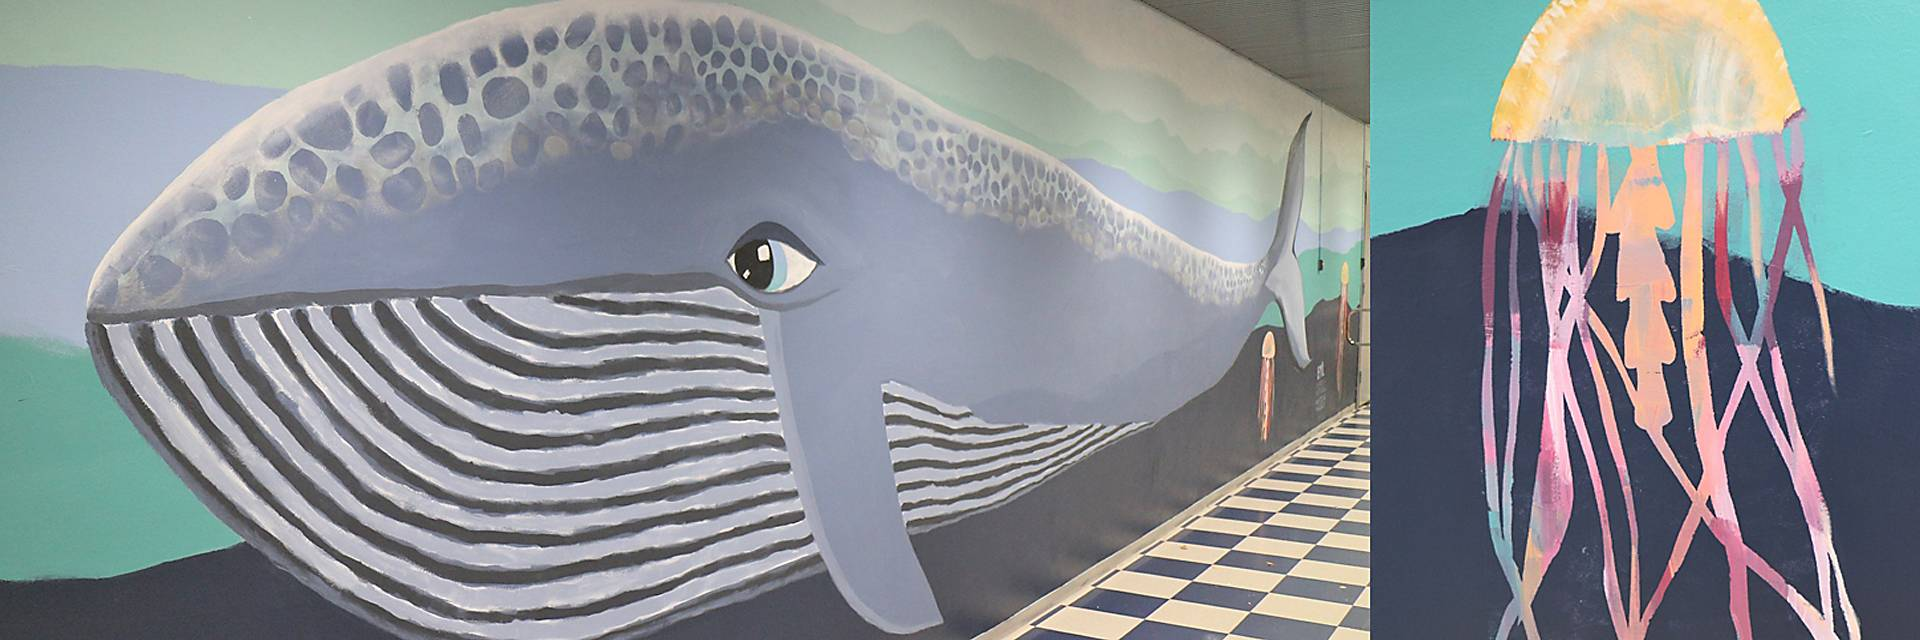 Valasaiheinen muraali